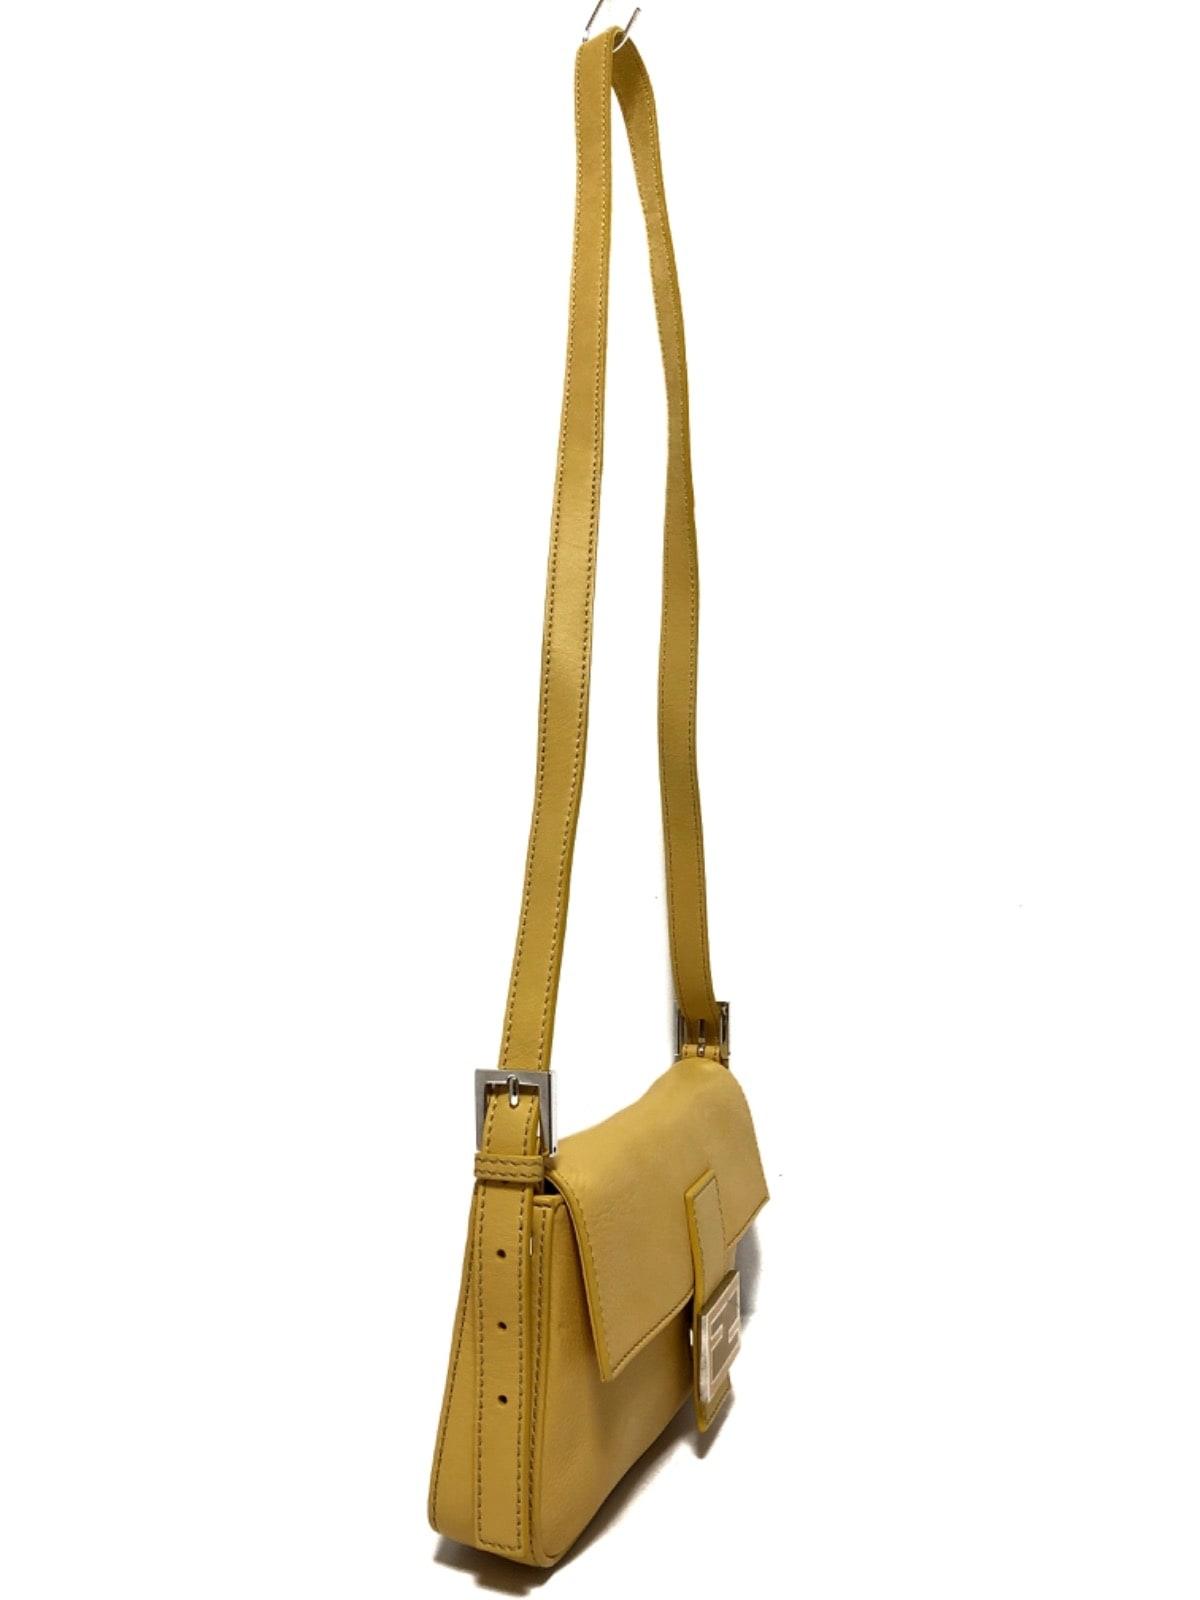 FENDI(フェンディ)のマンマバケット